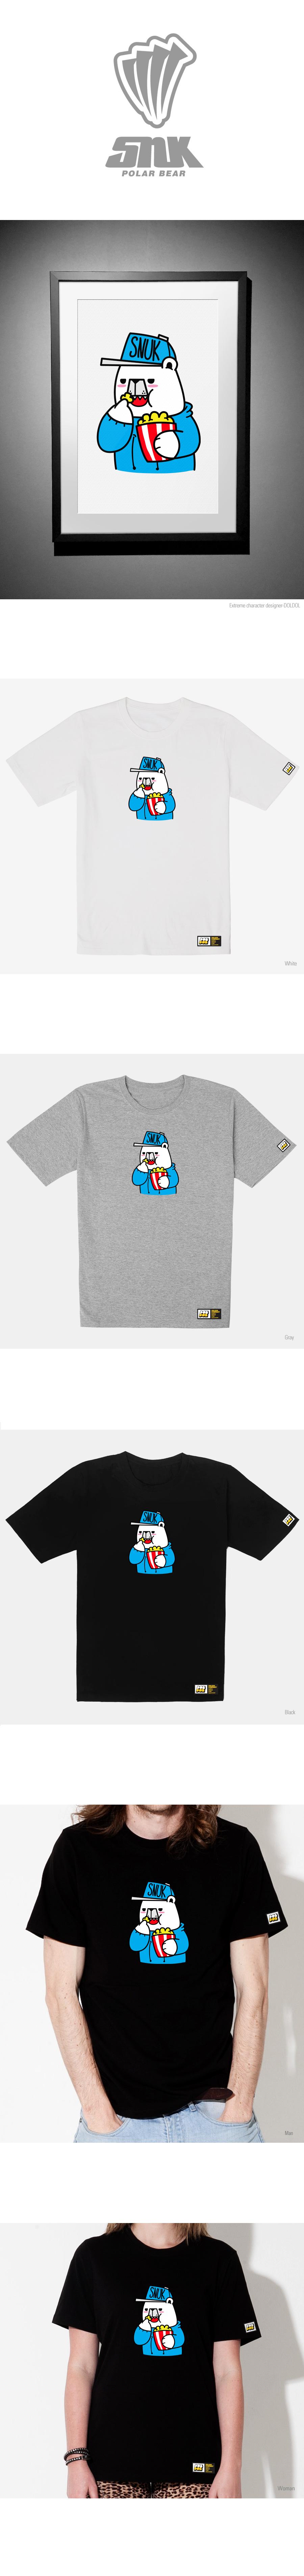 돌돌(DOLDOL) SNUK_T-shirts_28 북극곰 스노우보드 선수 스누크 익스트림 캐릭터 그래픽 티셔츠